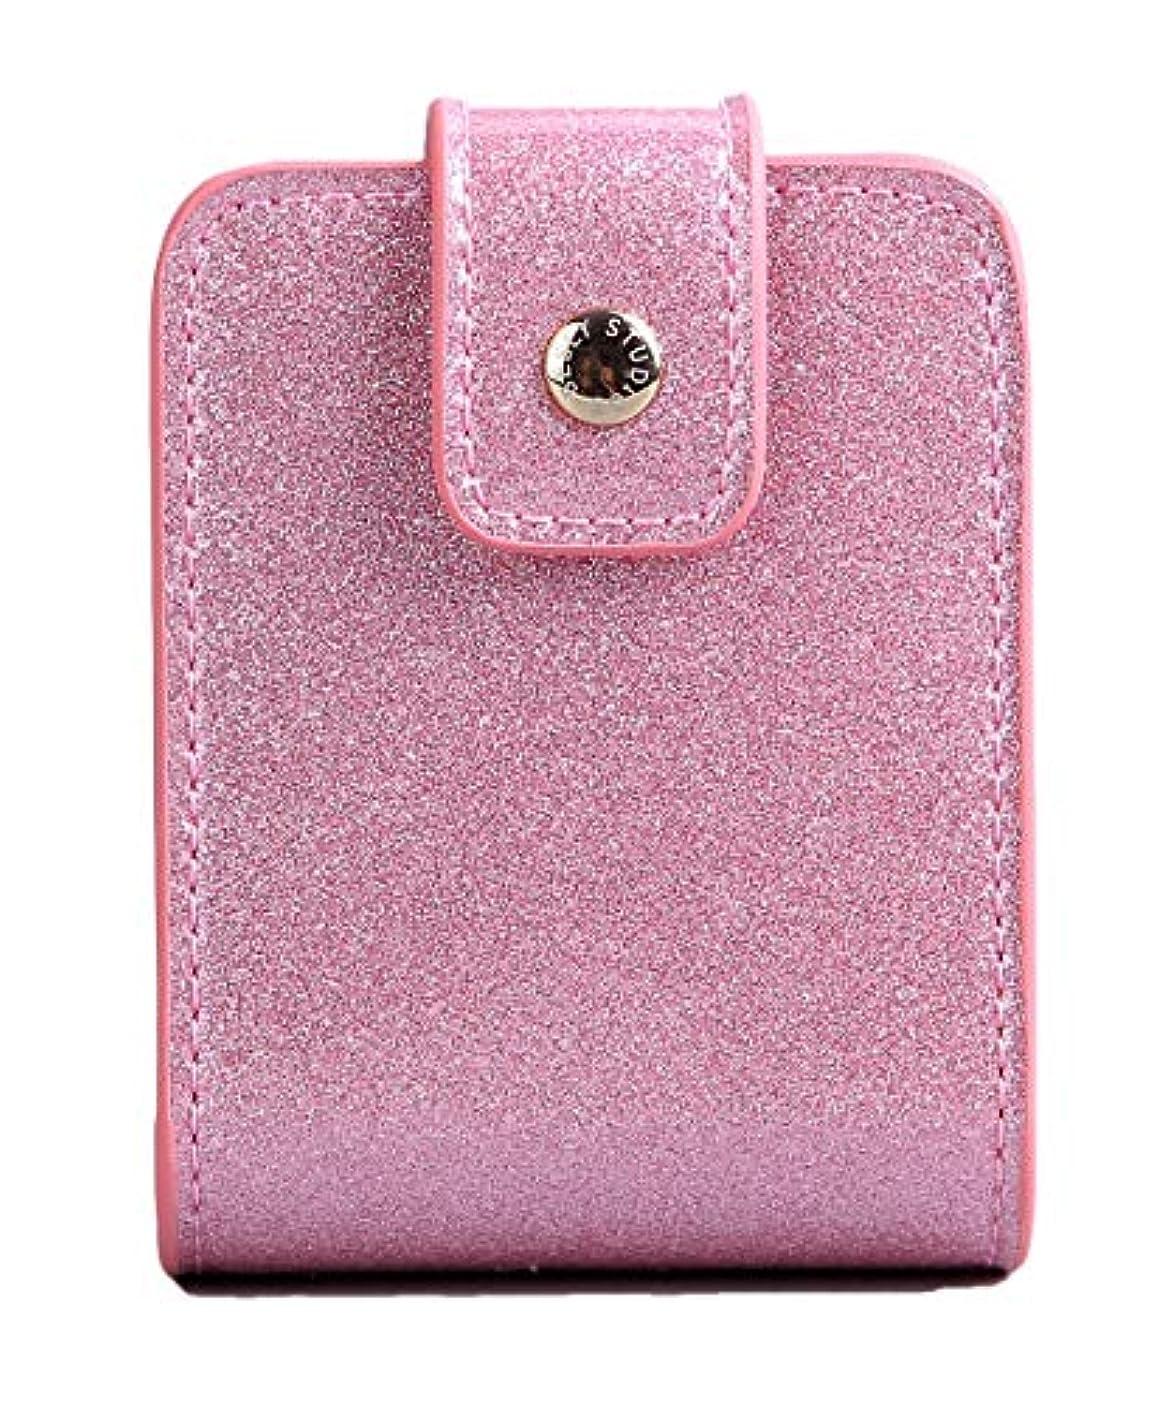 革命彼女の忍耐BESLY 女性用リップ化粧ポーチ リップを収納する ミニサイズ 携帯しやすい 人工製 ピンクPU革